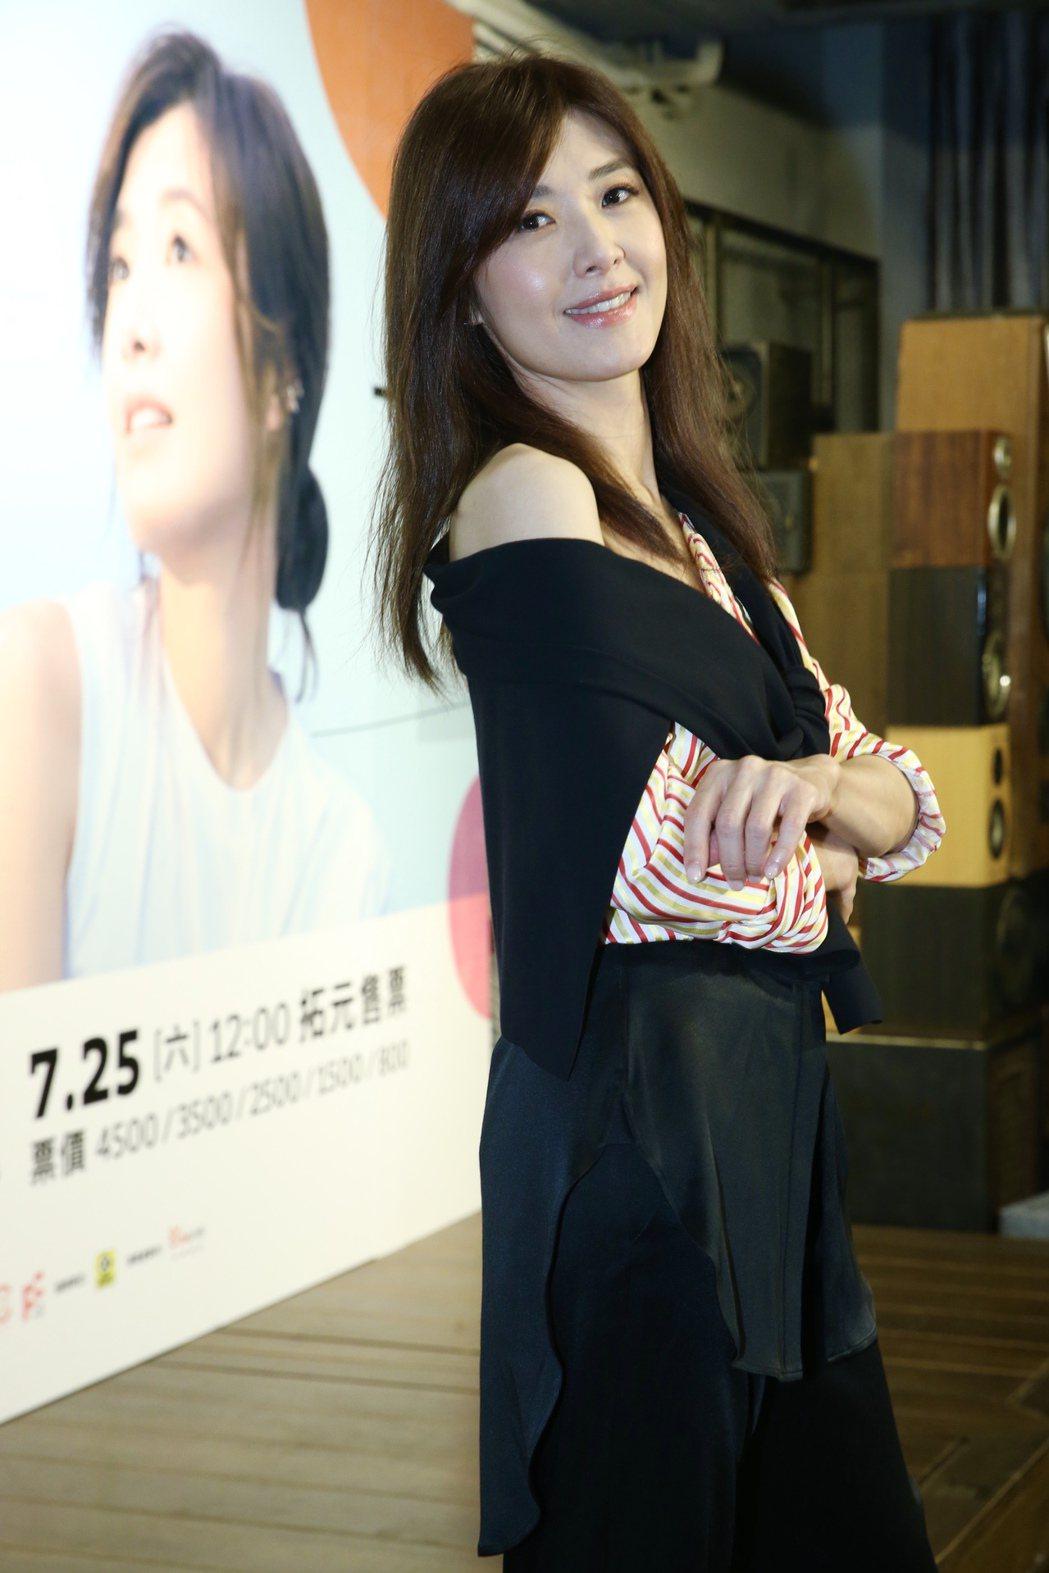 蘇慧倫外貌保養得宜。記者林俊良╱攝影